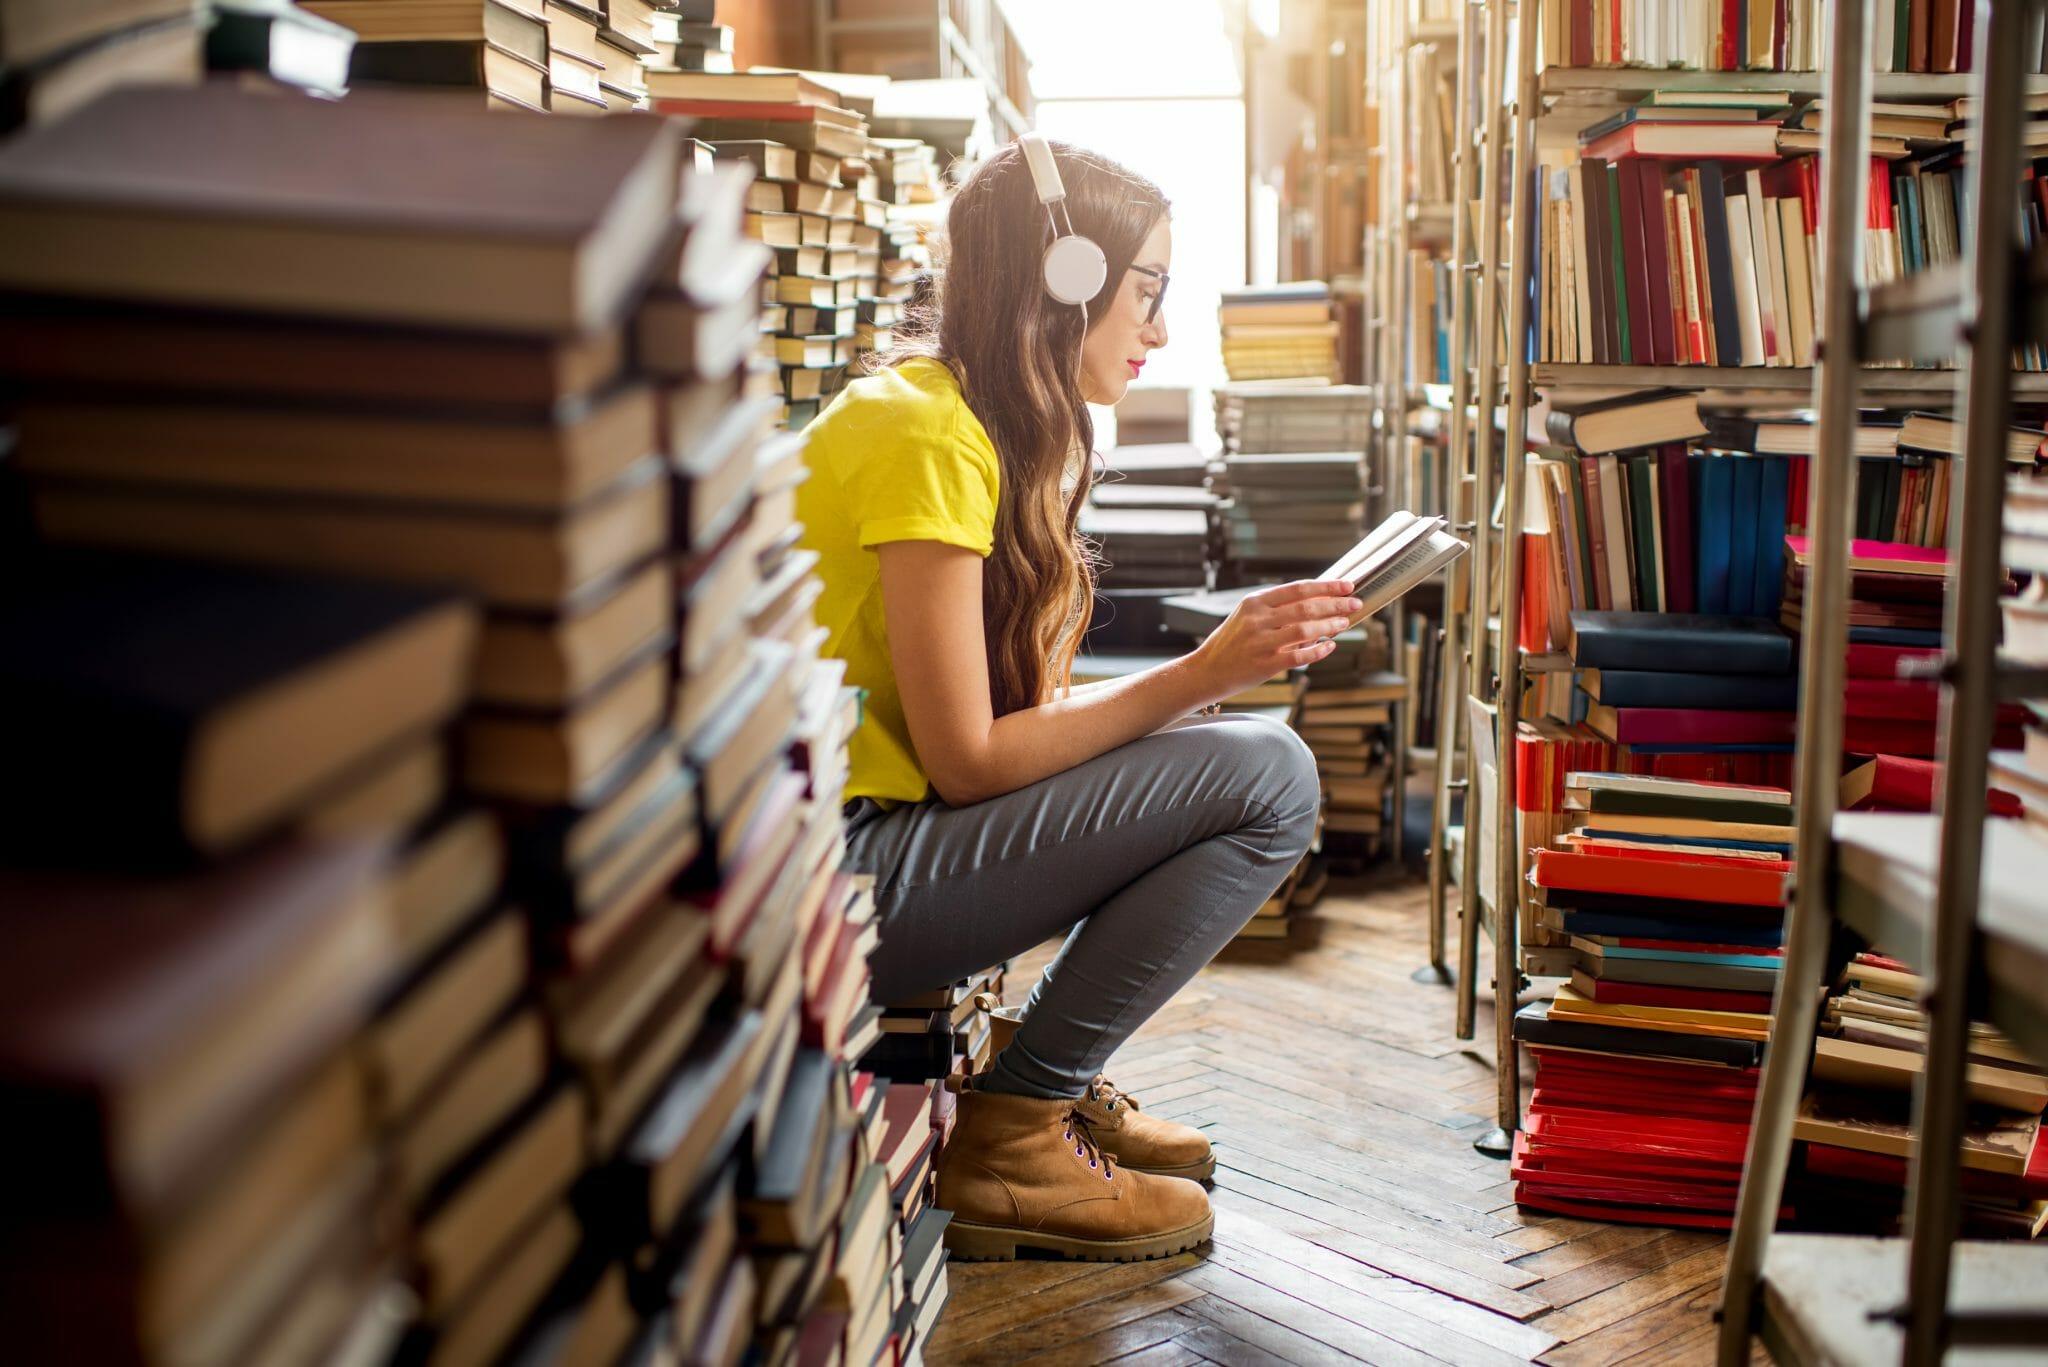 In crescita gli audiolibri per bambini e ragazzi: ecco i più ascoltati su Audible